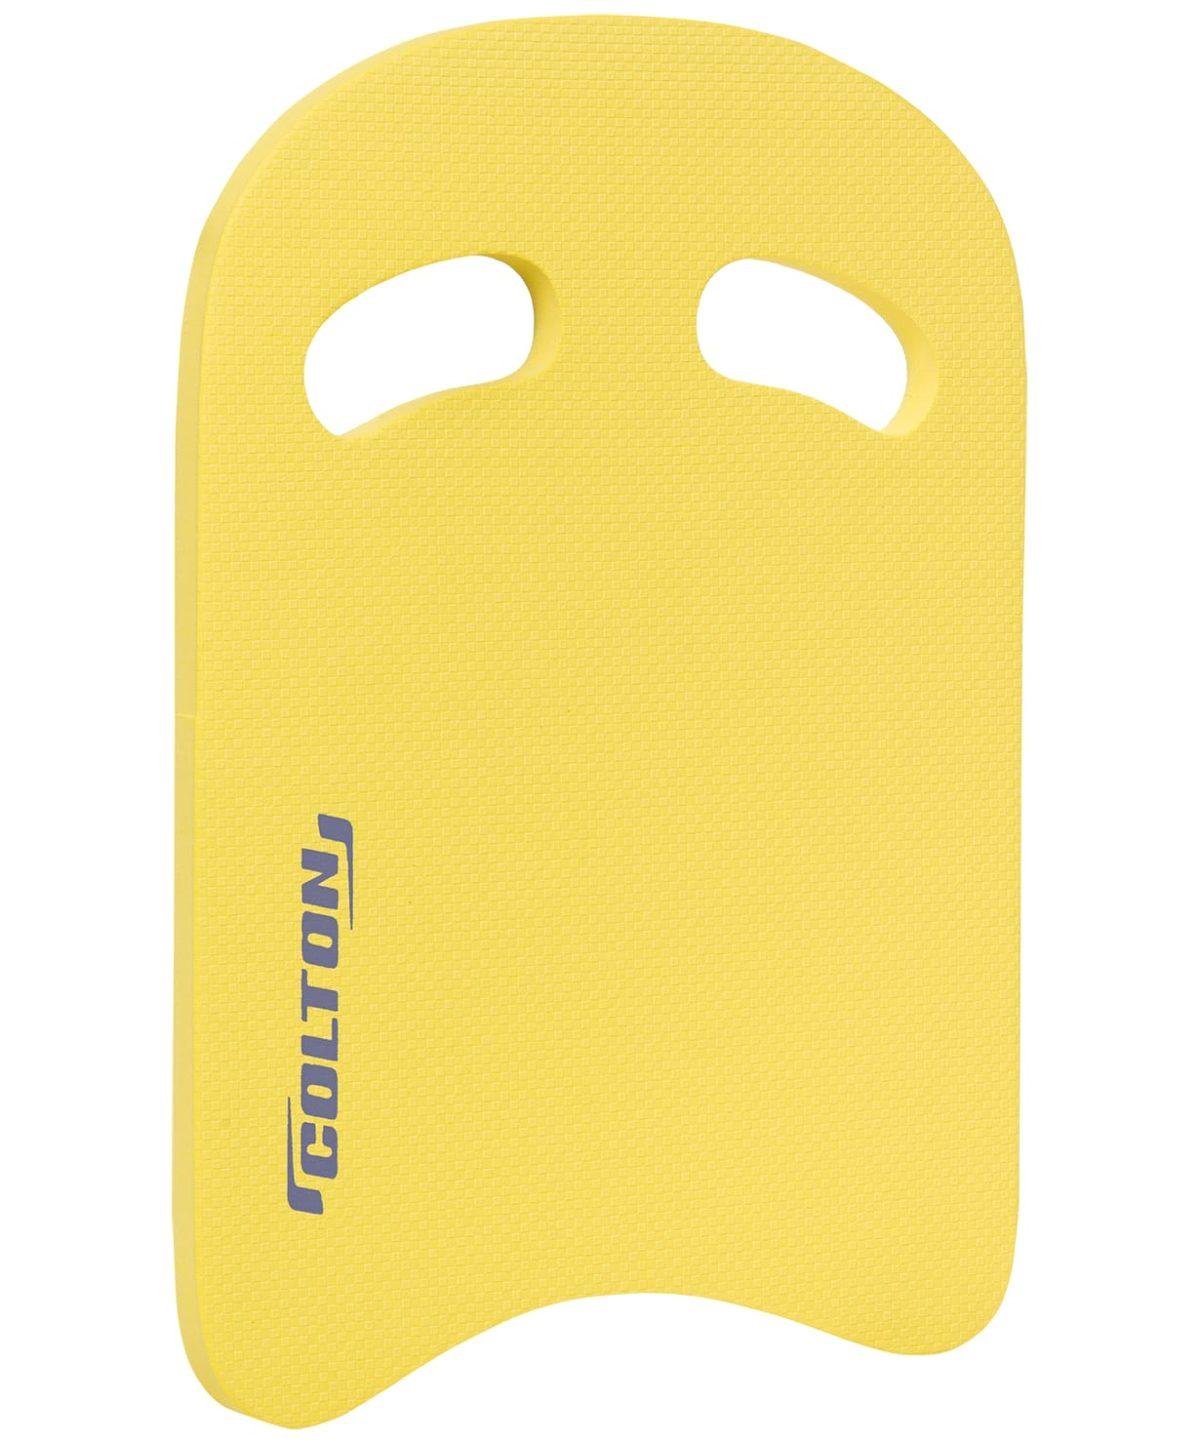 COLTON Доска для плавания  SB-101: жёлтый - 1